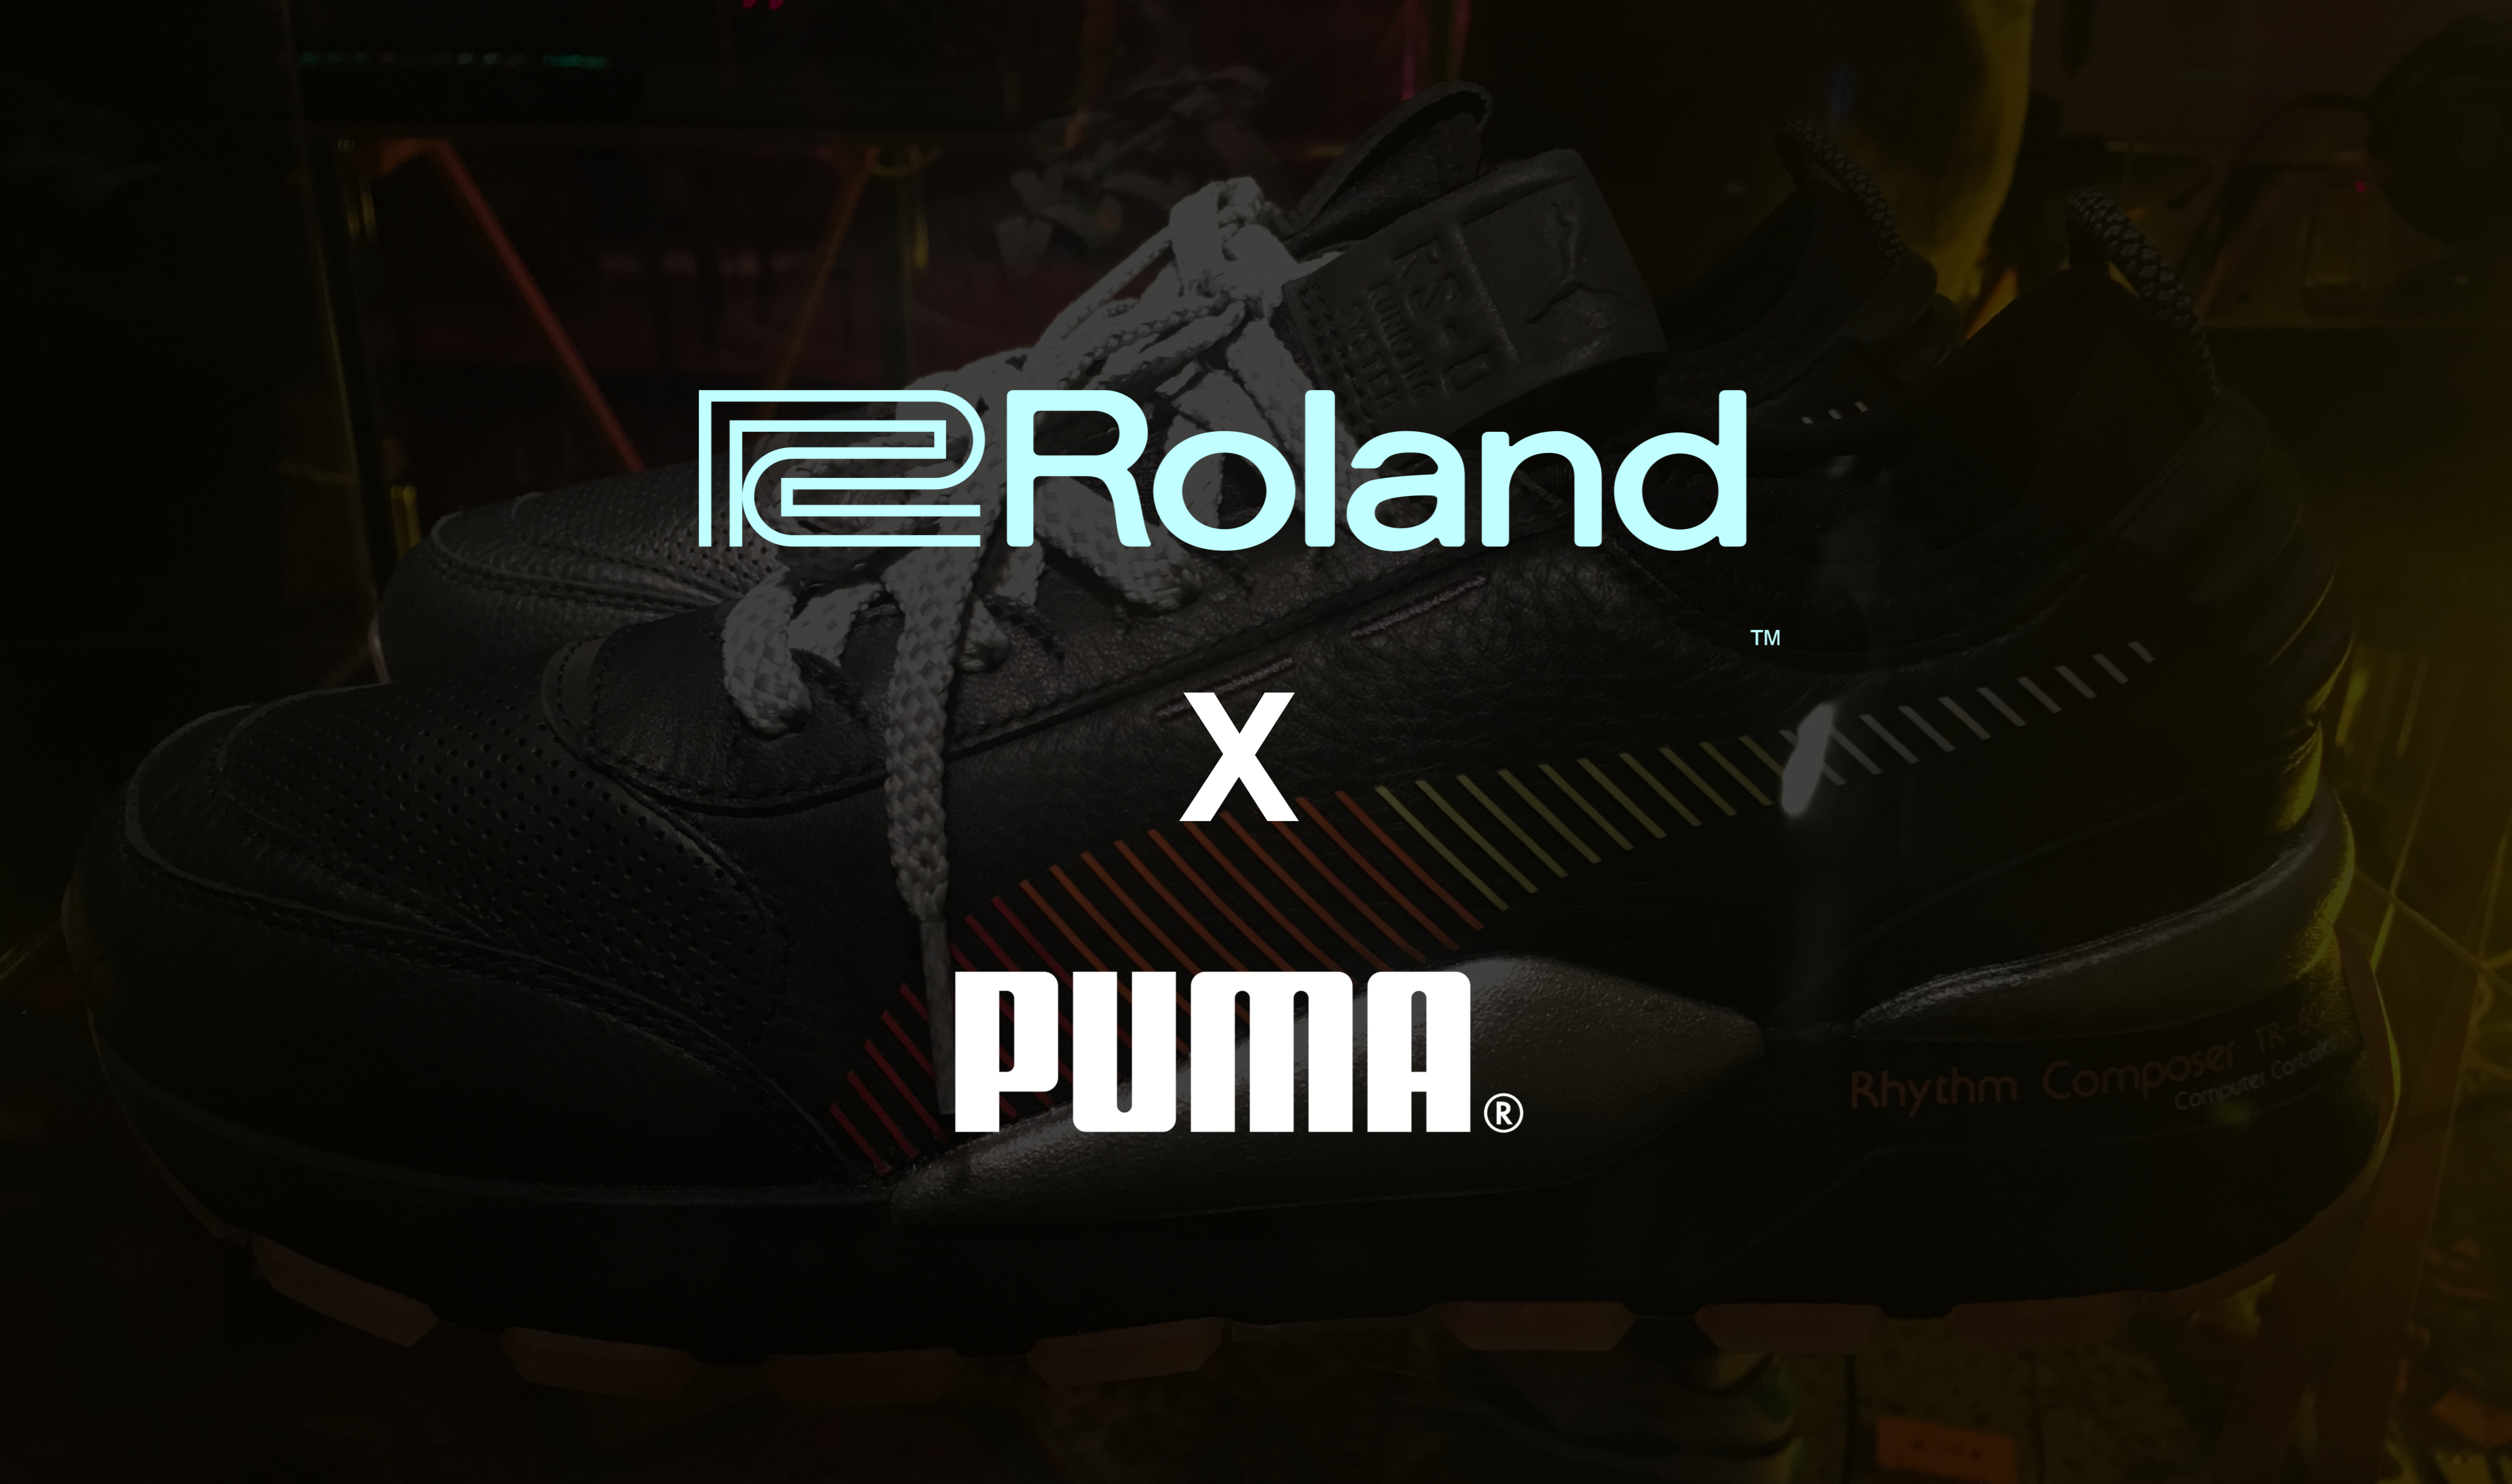 Roland stellt TR-808-Sneaker mit Puma vor